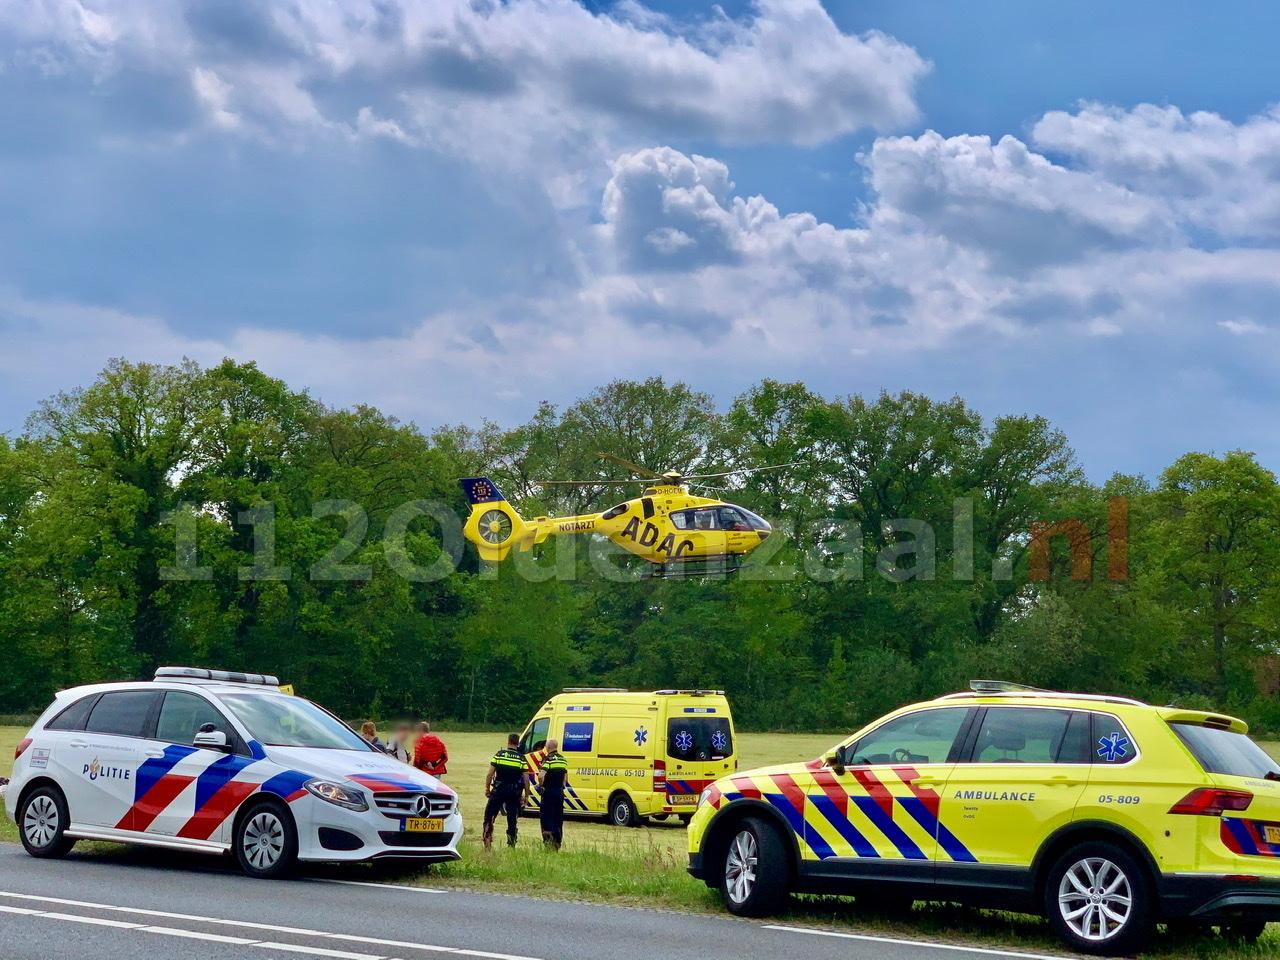 Video: Ernstig ongeval tussen Weerselo en Fleringen; traumahelikopter ingezet